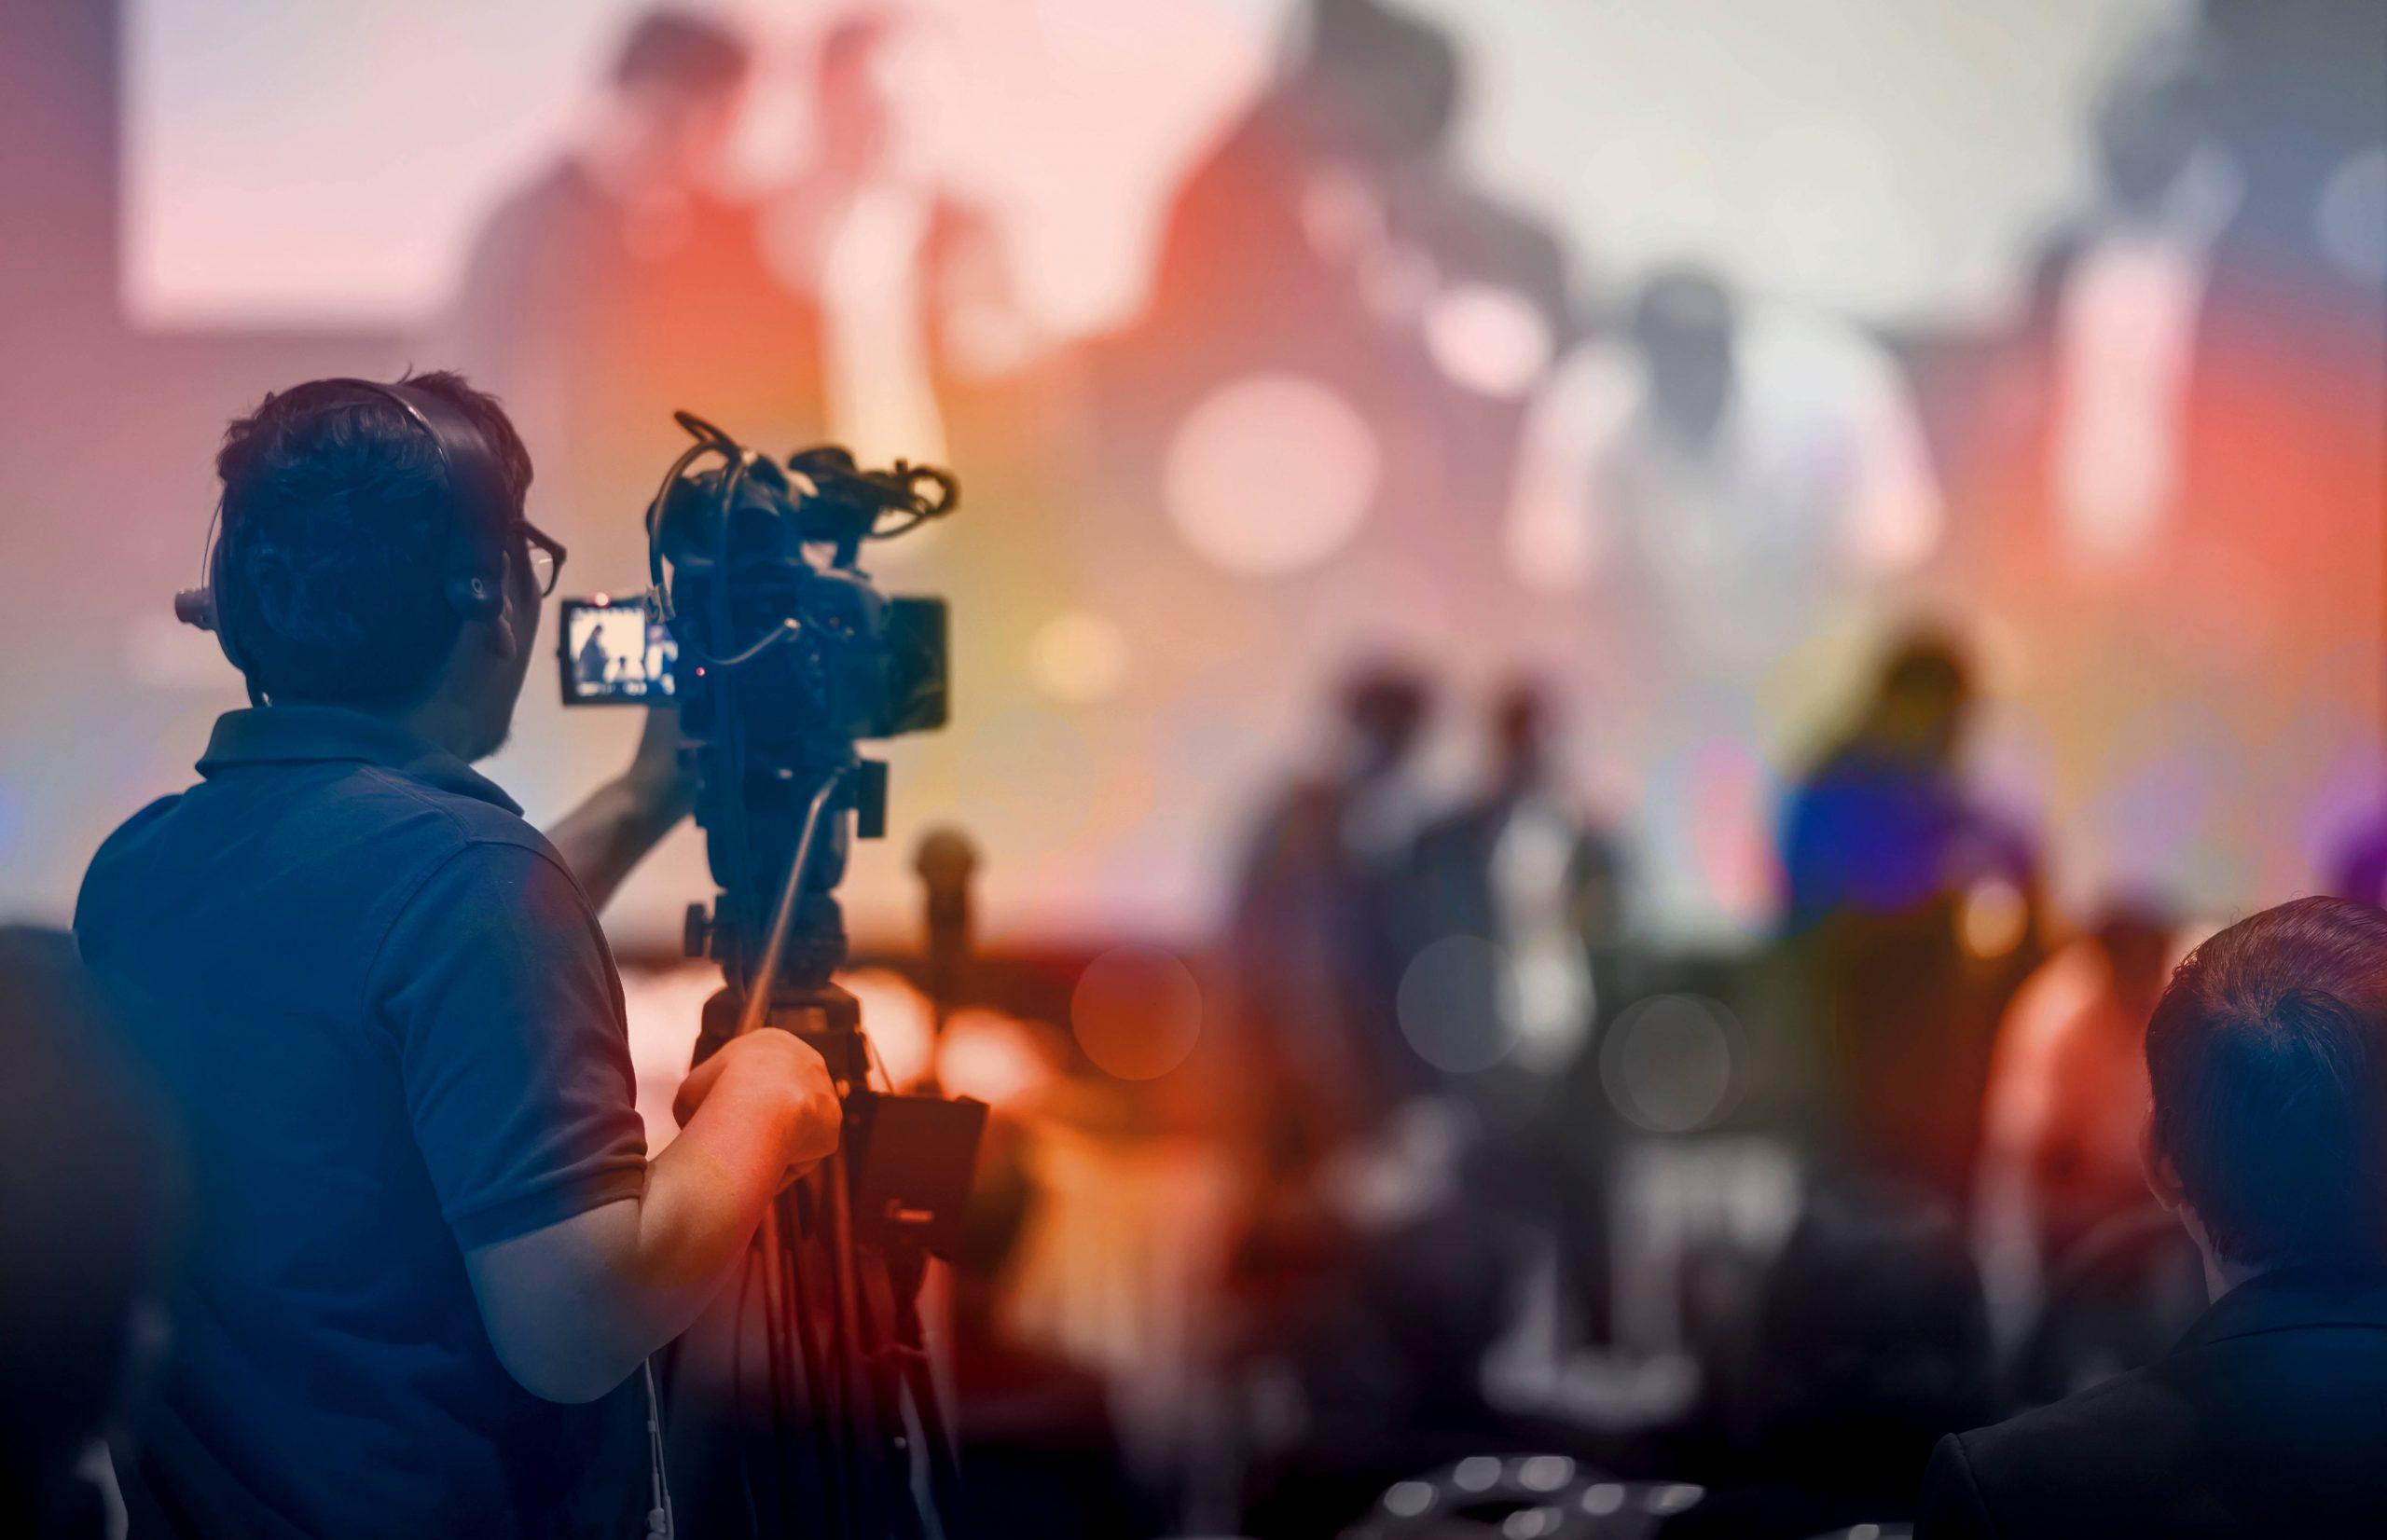 NiZiプロジェクトを超えるドキュメンタリーを一緒に作ってくださる企画・撮影・編集クリエイター募集!